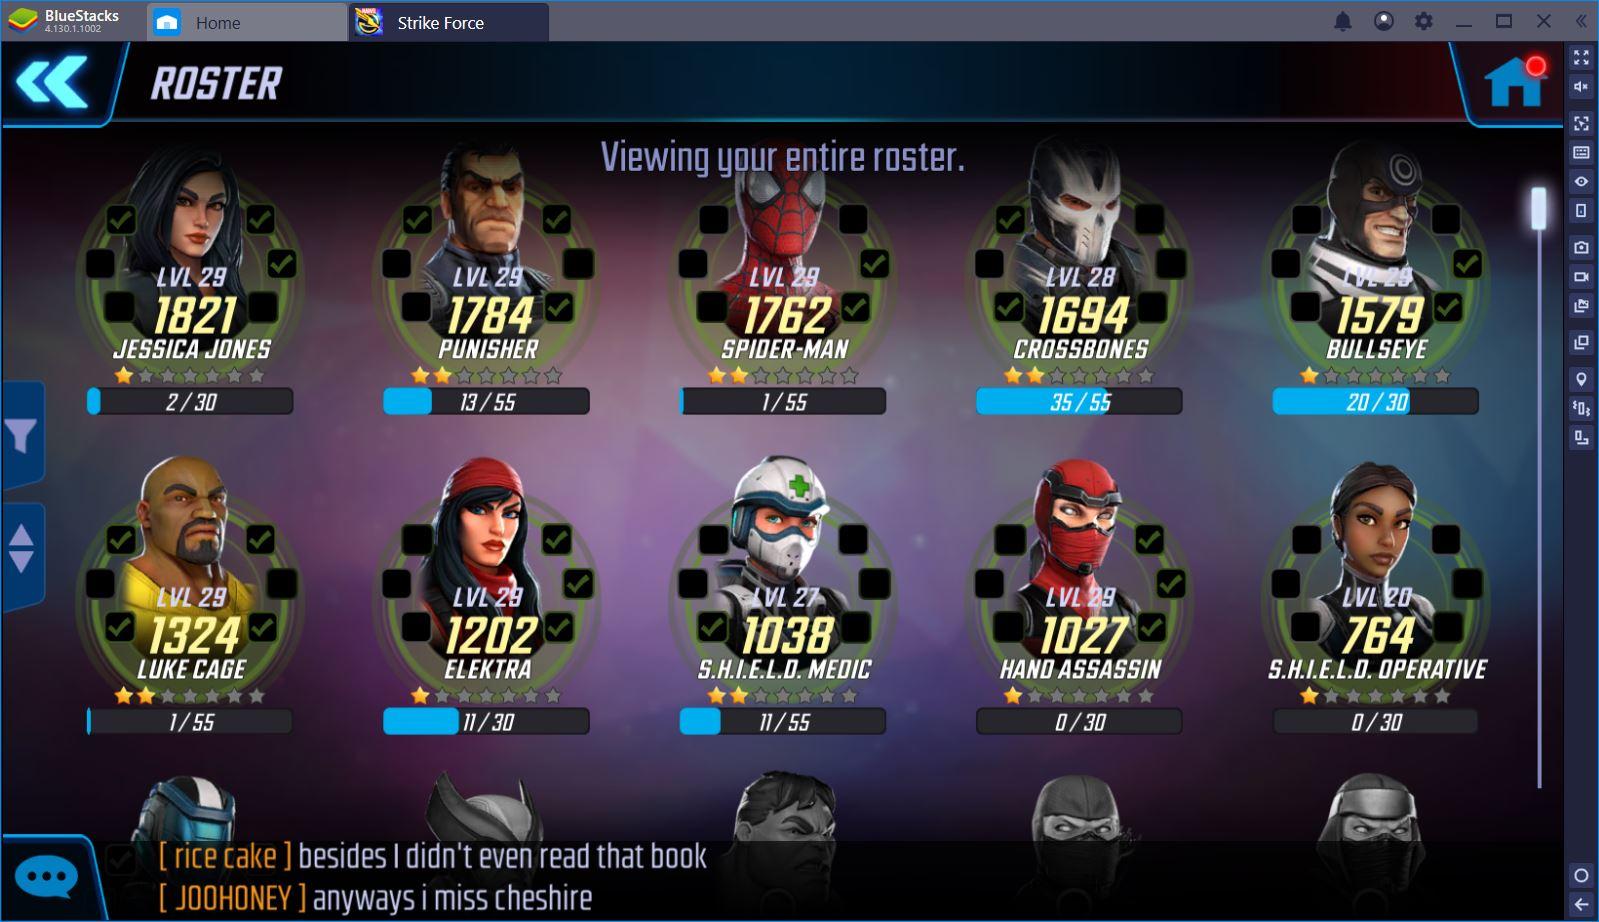 العب MARVEL Strike Force على الكمبيوتر باستخدام BlueStacks